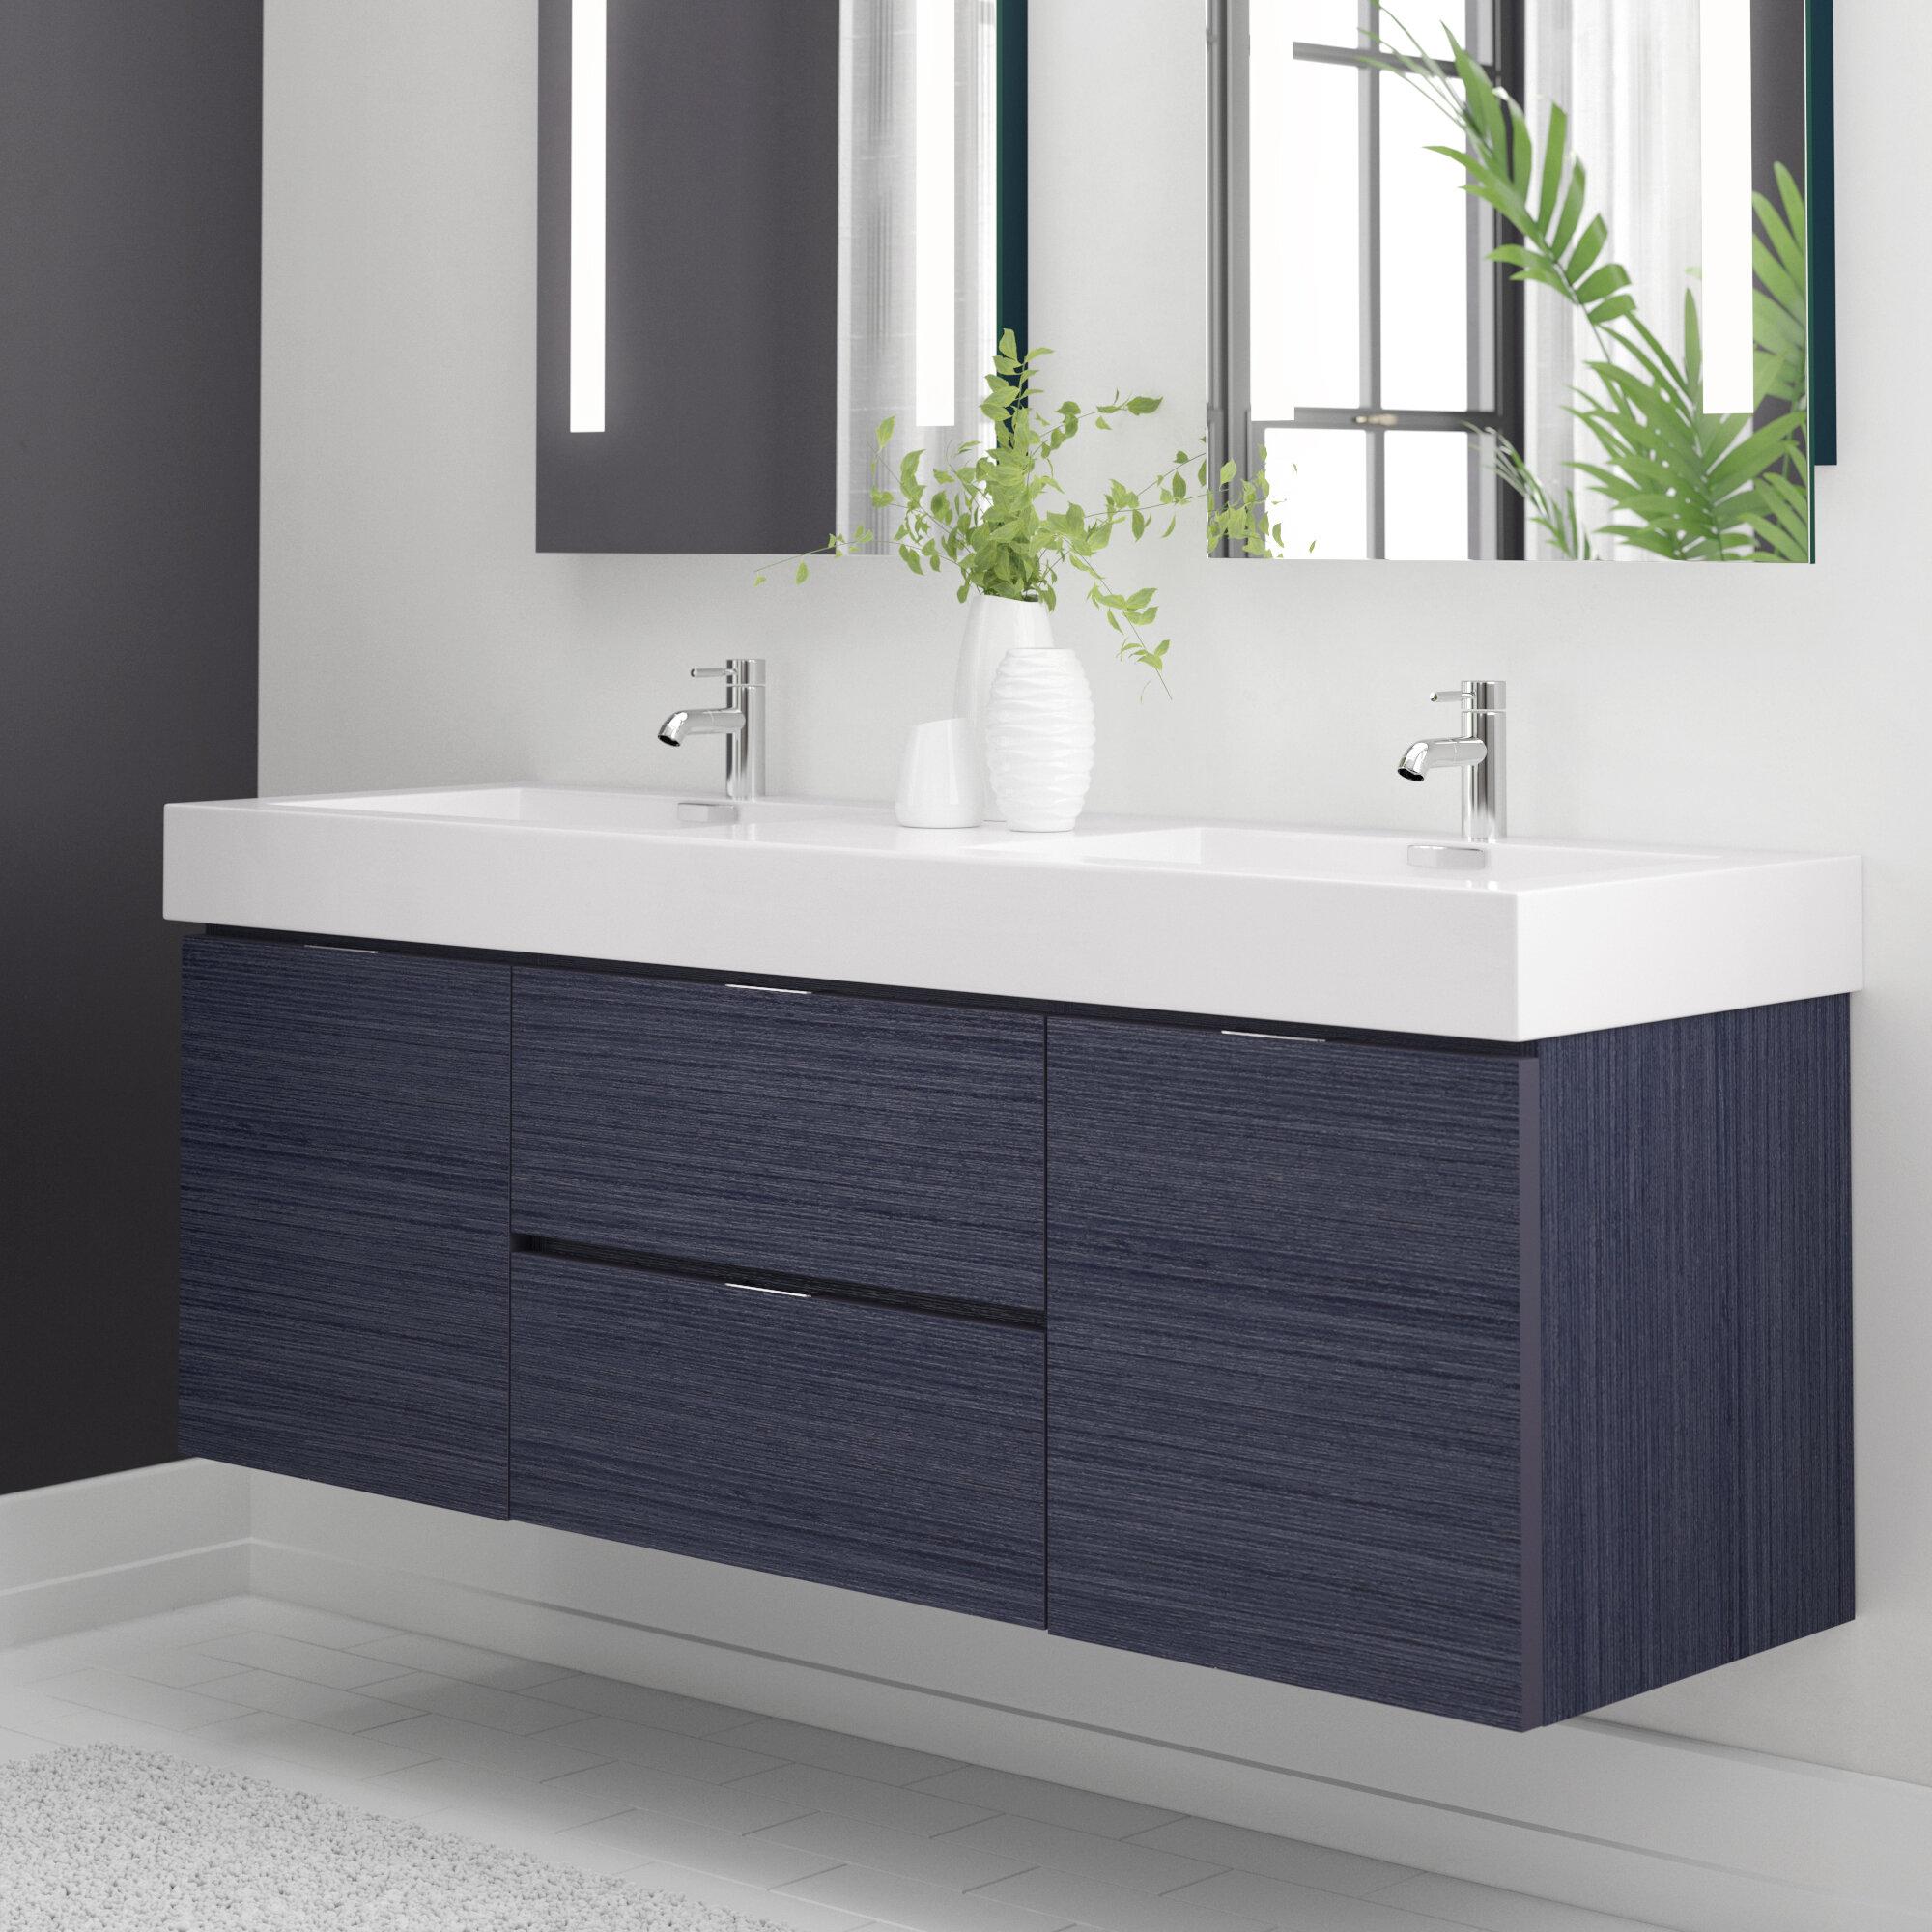 Wayfair 60 Inch Wall Mounted Floating Bathroom Vanities You Ll Love In 2021